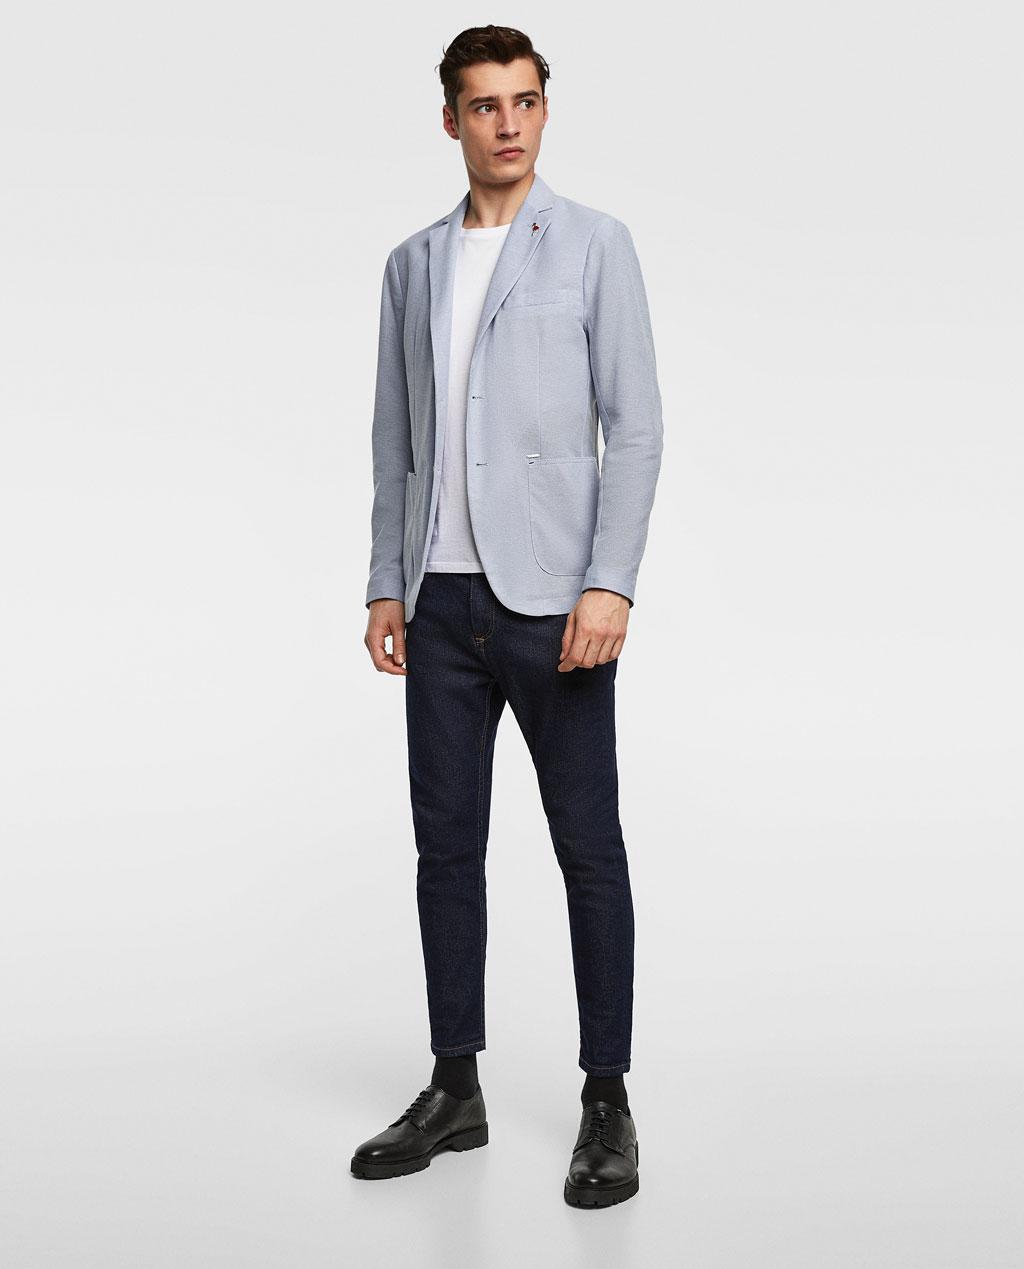 Thời trang nam Zara  23876 - ảnh 3